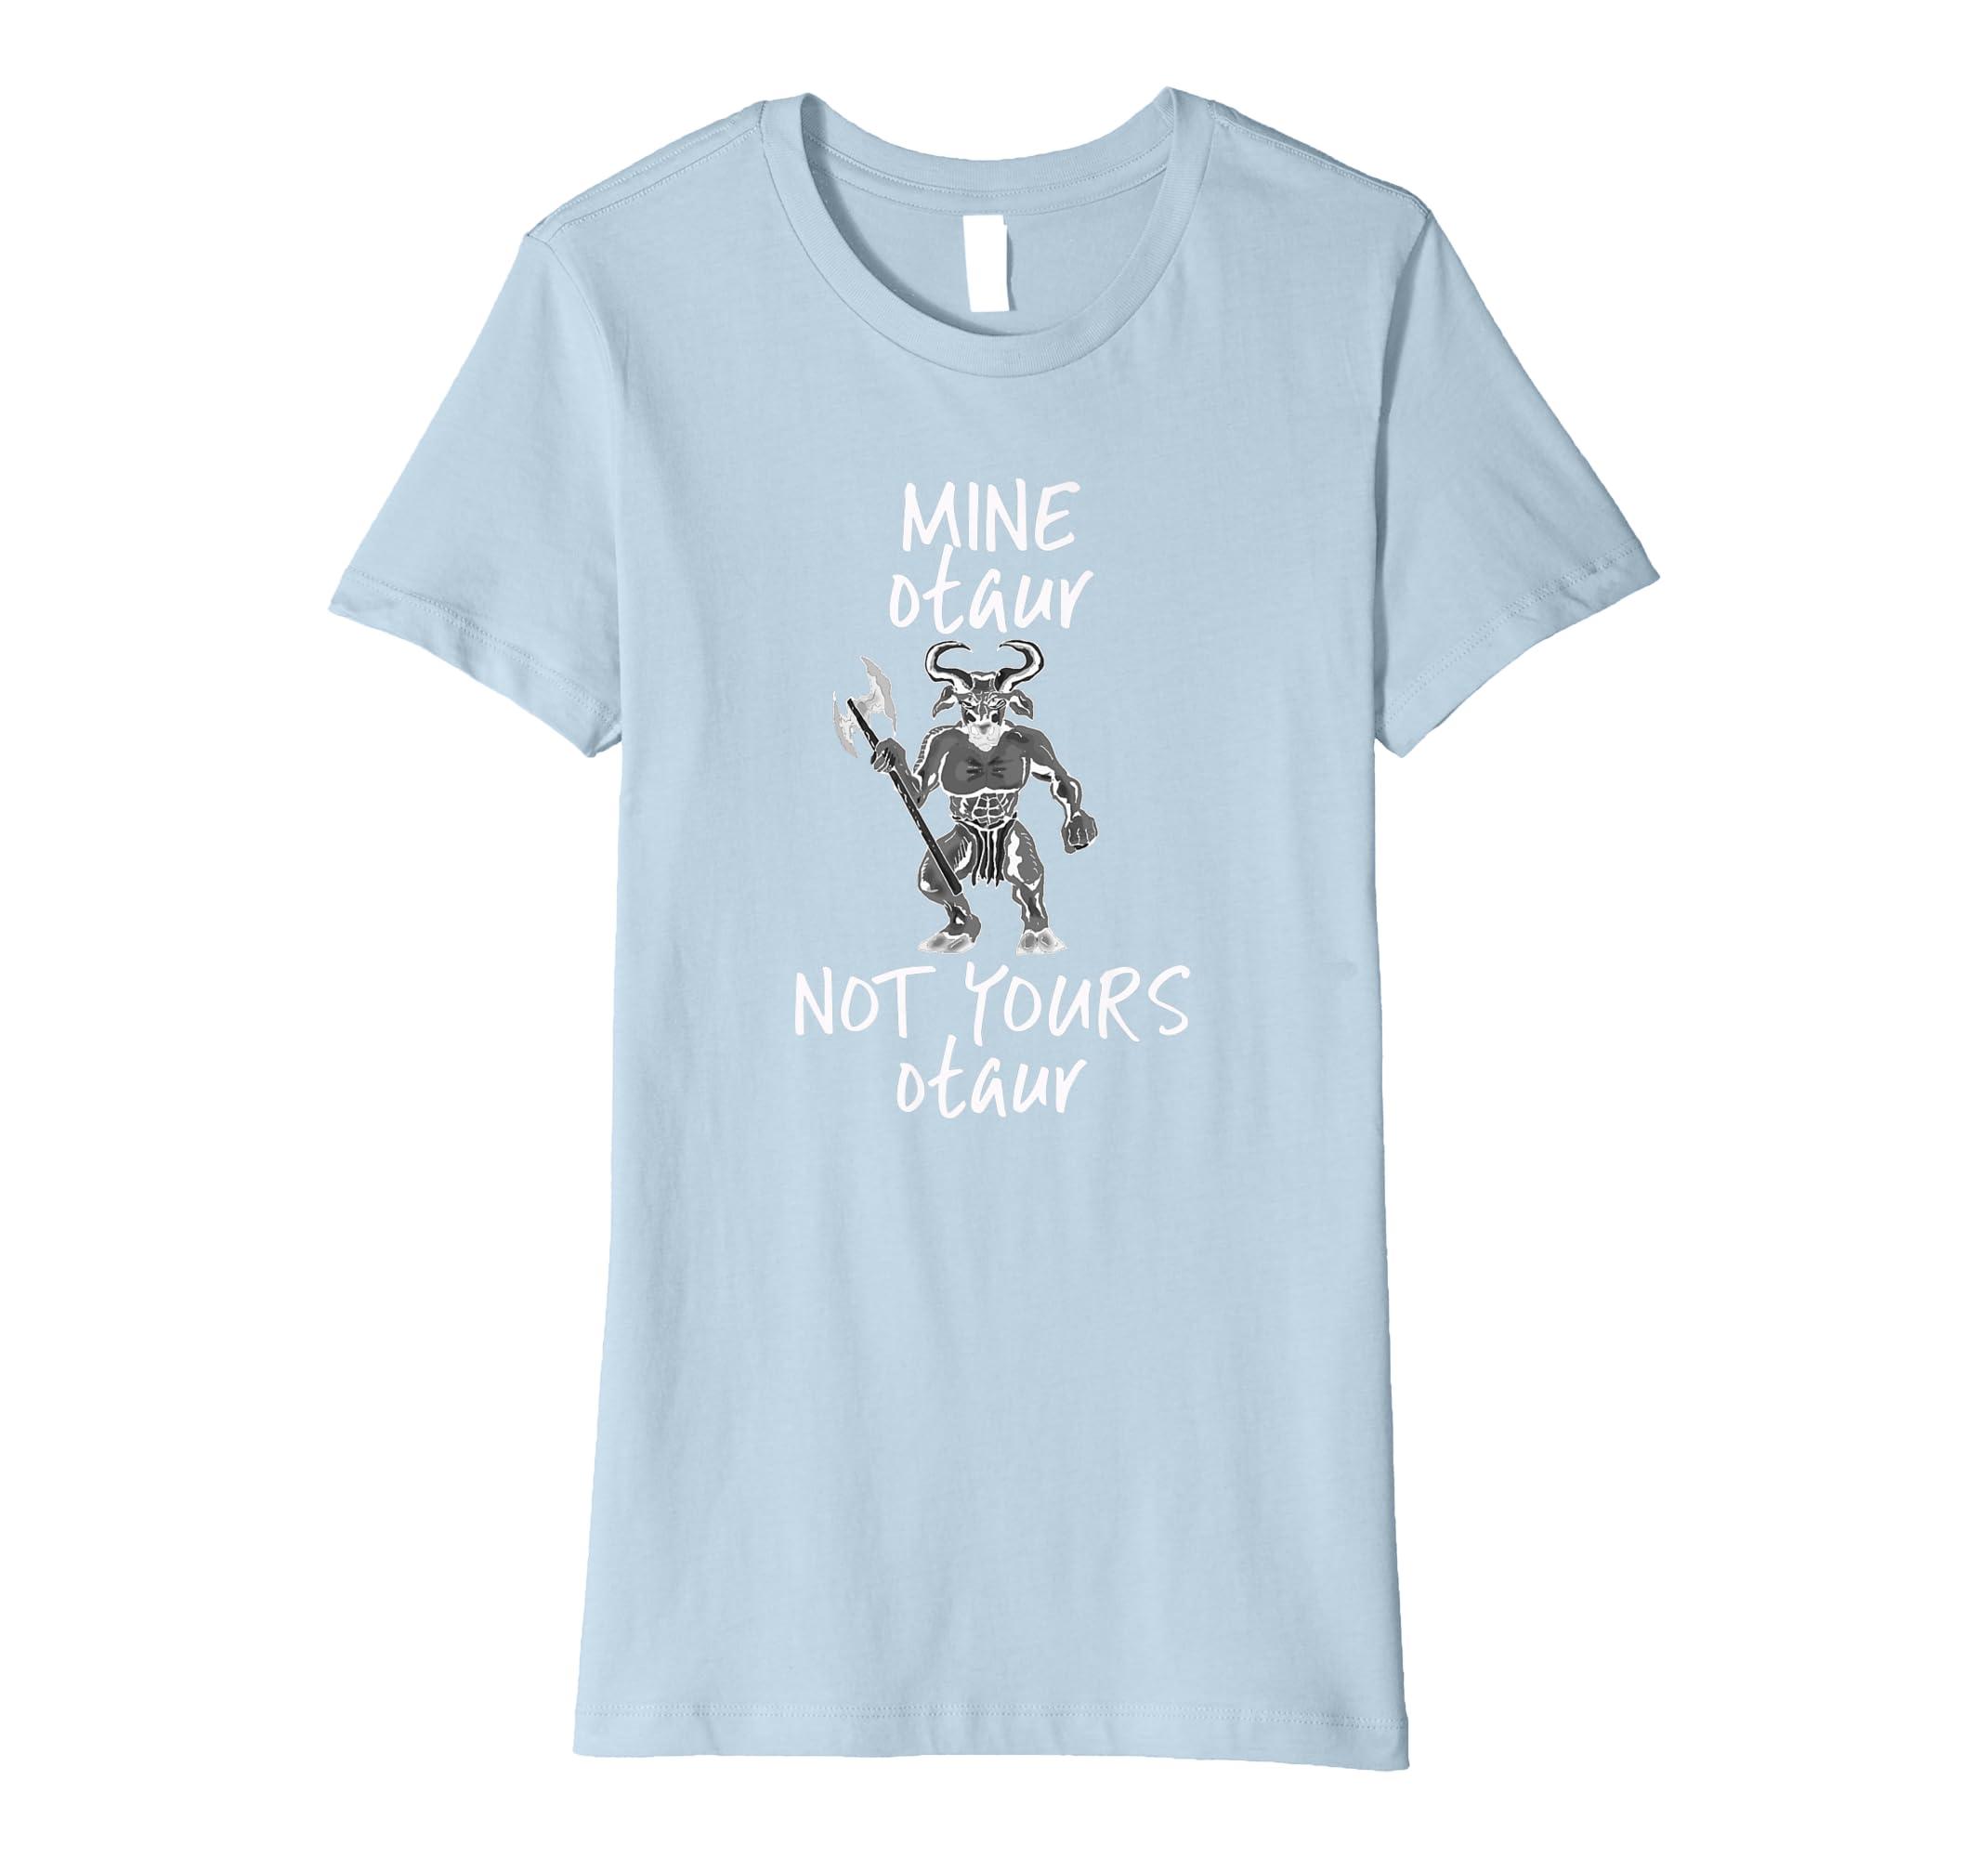 c43ccf93 Amazon.com: Greek Mythology Pun T-Shirt Mine Otaur Not Yours Otaur: Clothing